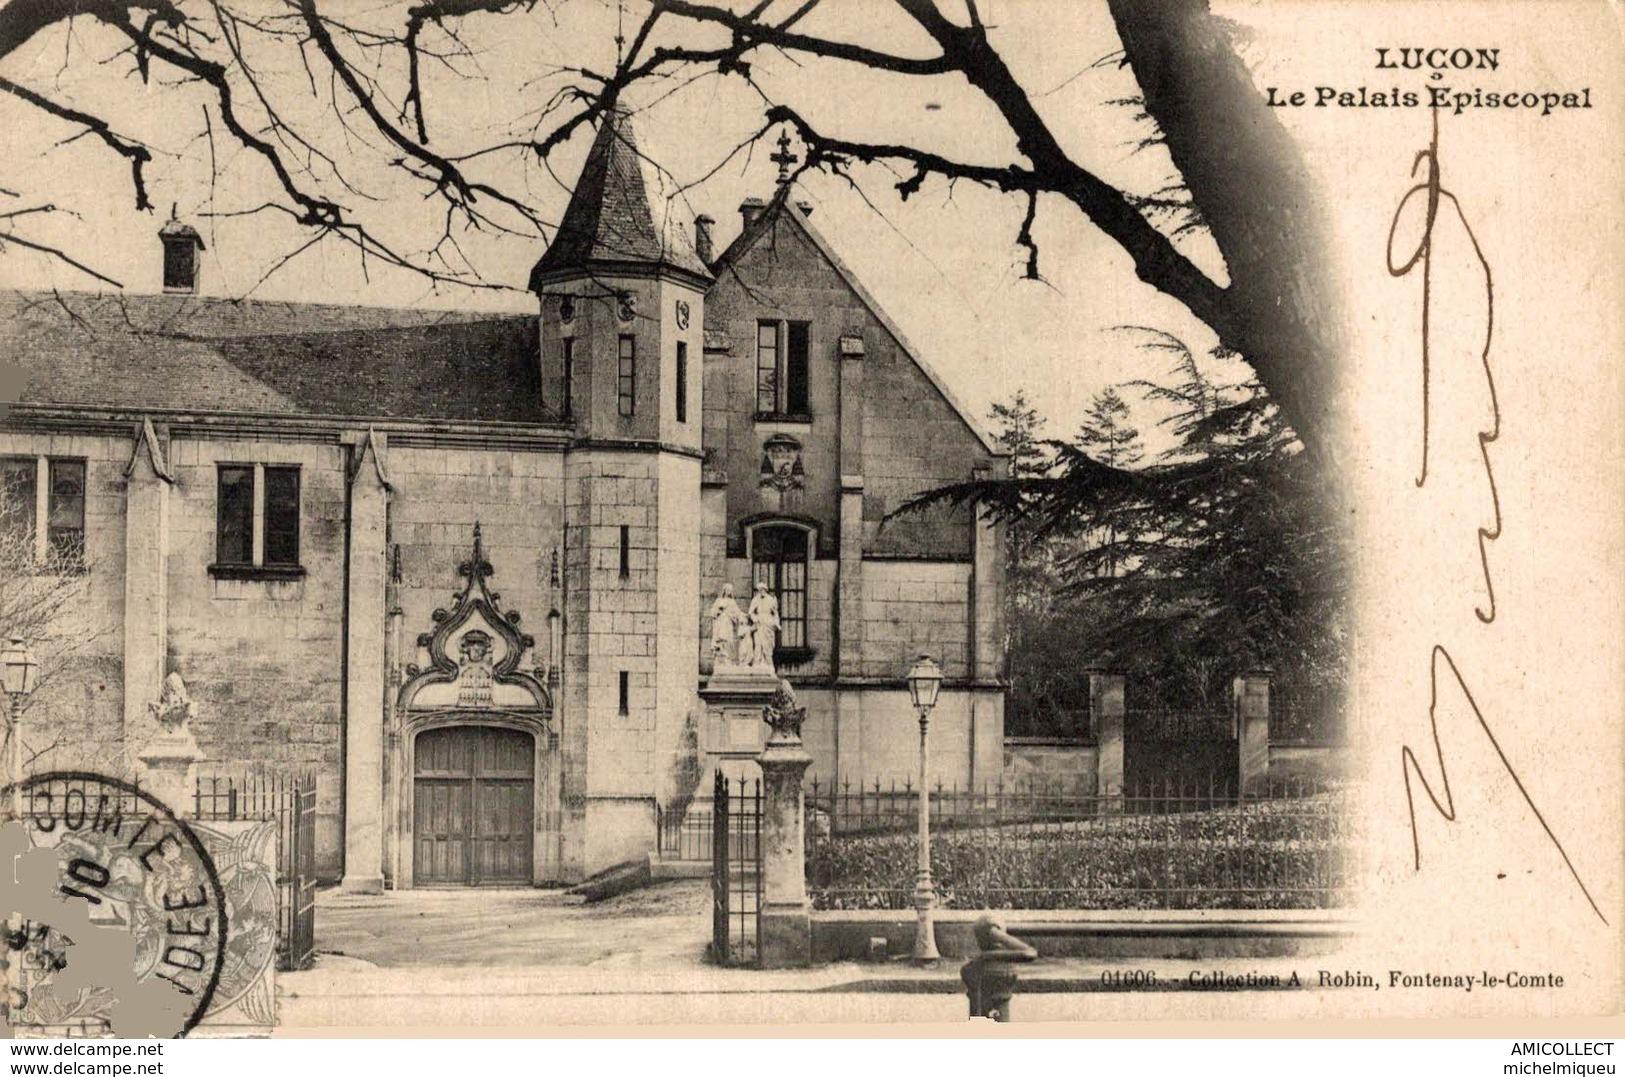 4843  -2019     LUCON   LE PALAIS EPISCOPAL - Lucon